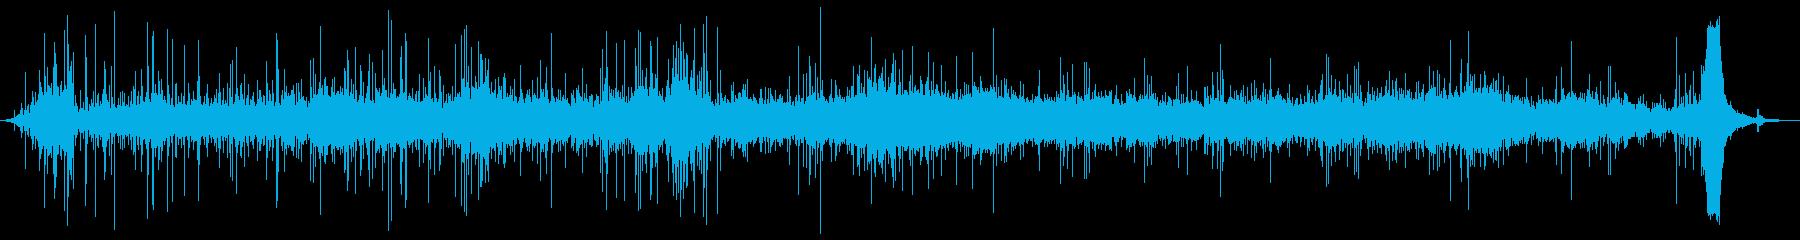 ピールテープ、ロングコミックフリク...の再生済みの波形